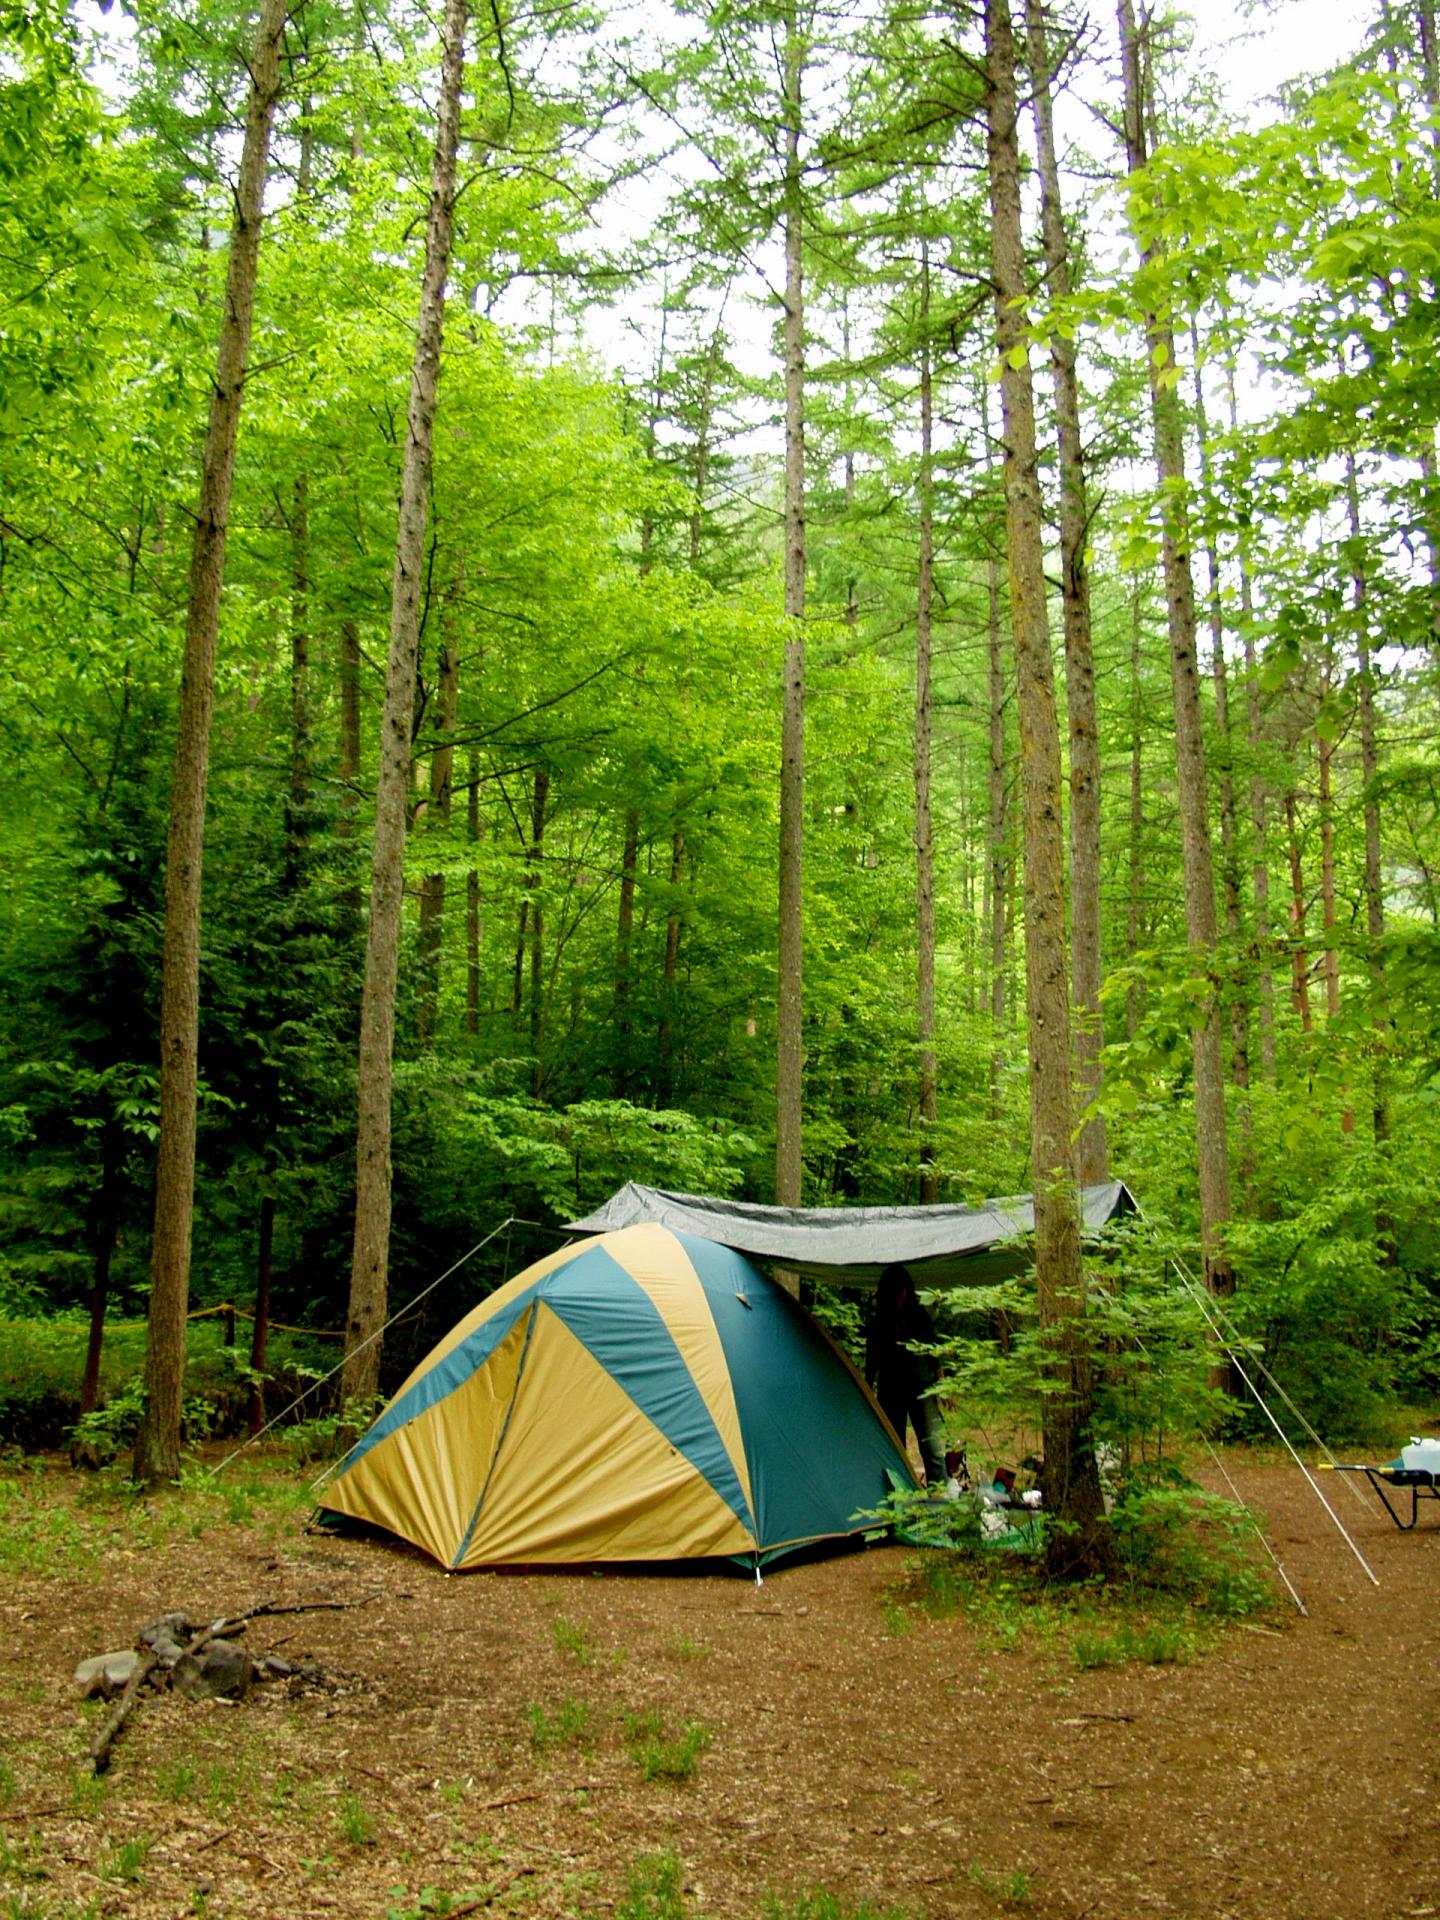 福島県おすすめキャンプ場&コテージ特集!無料やペット可の施設が人気!